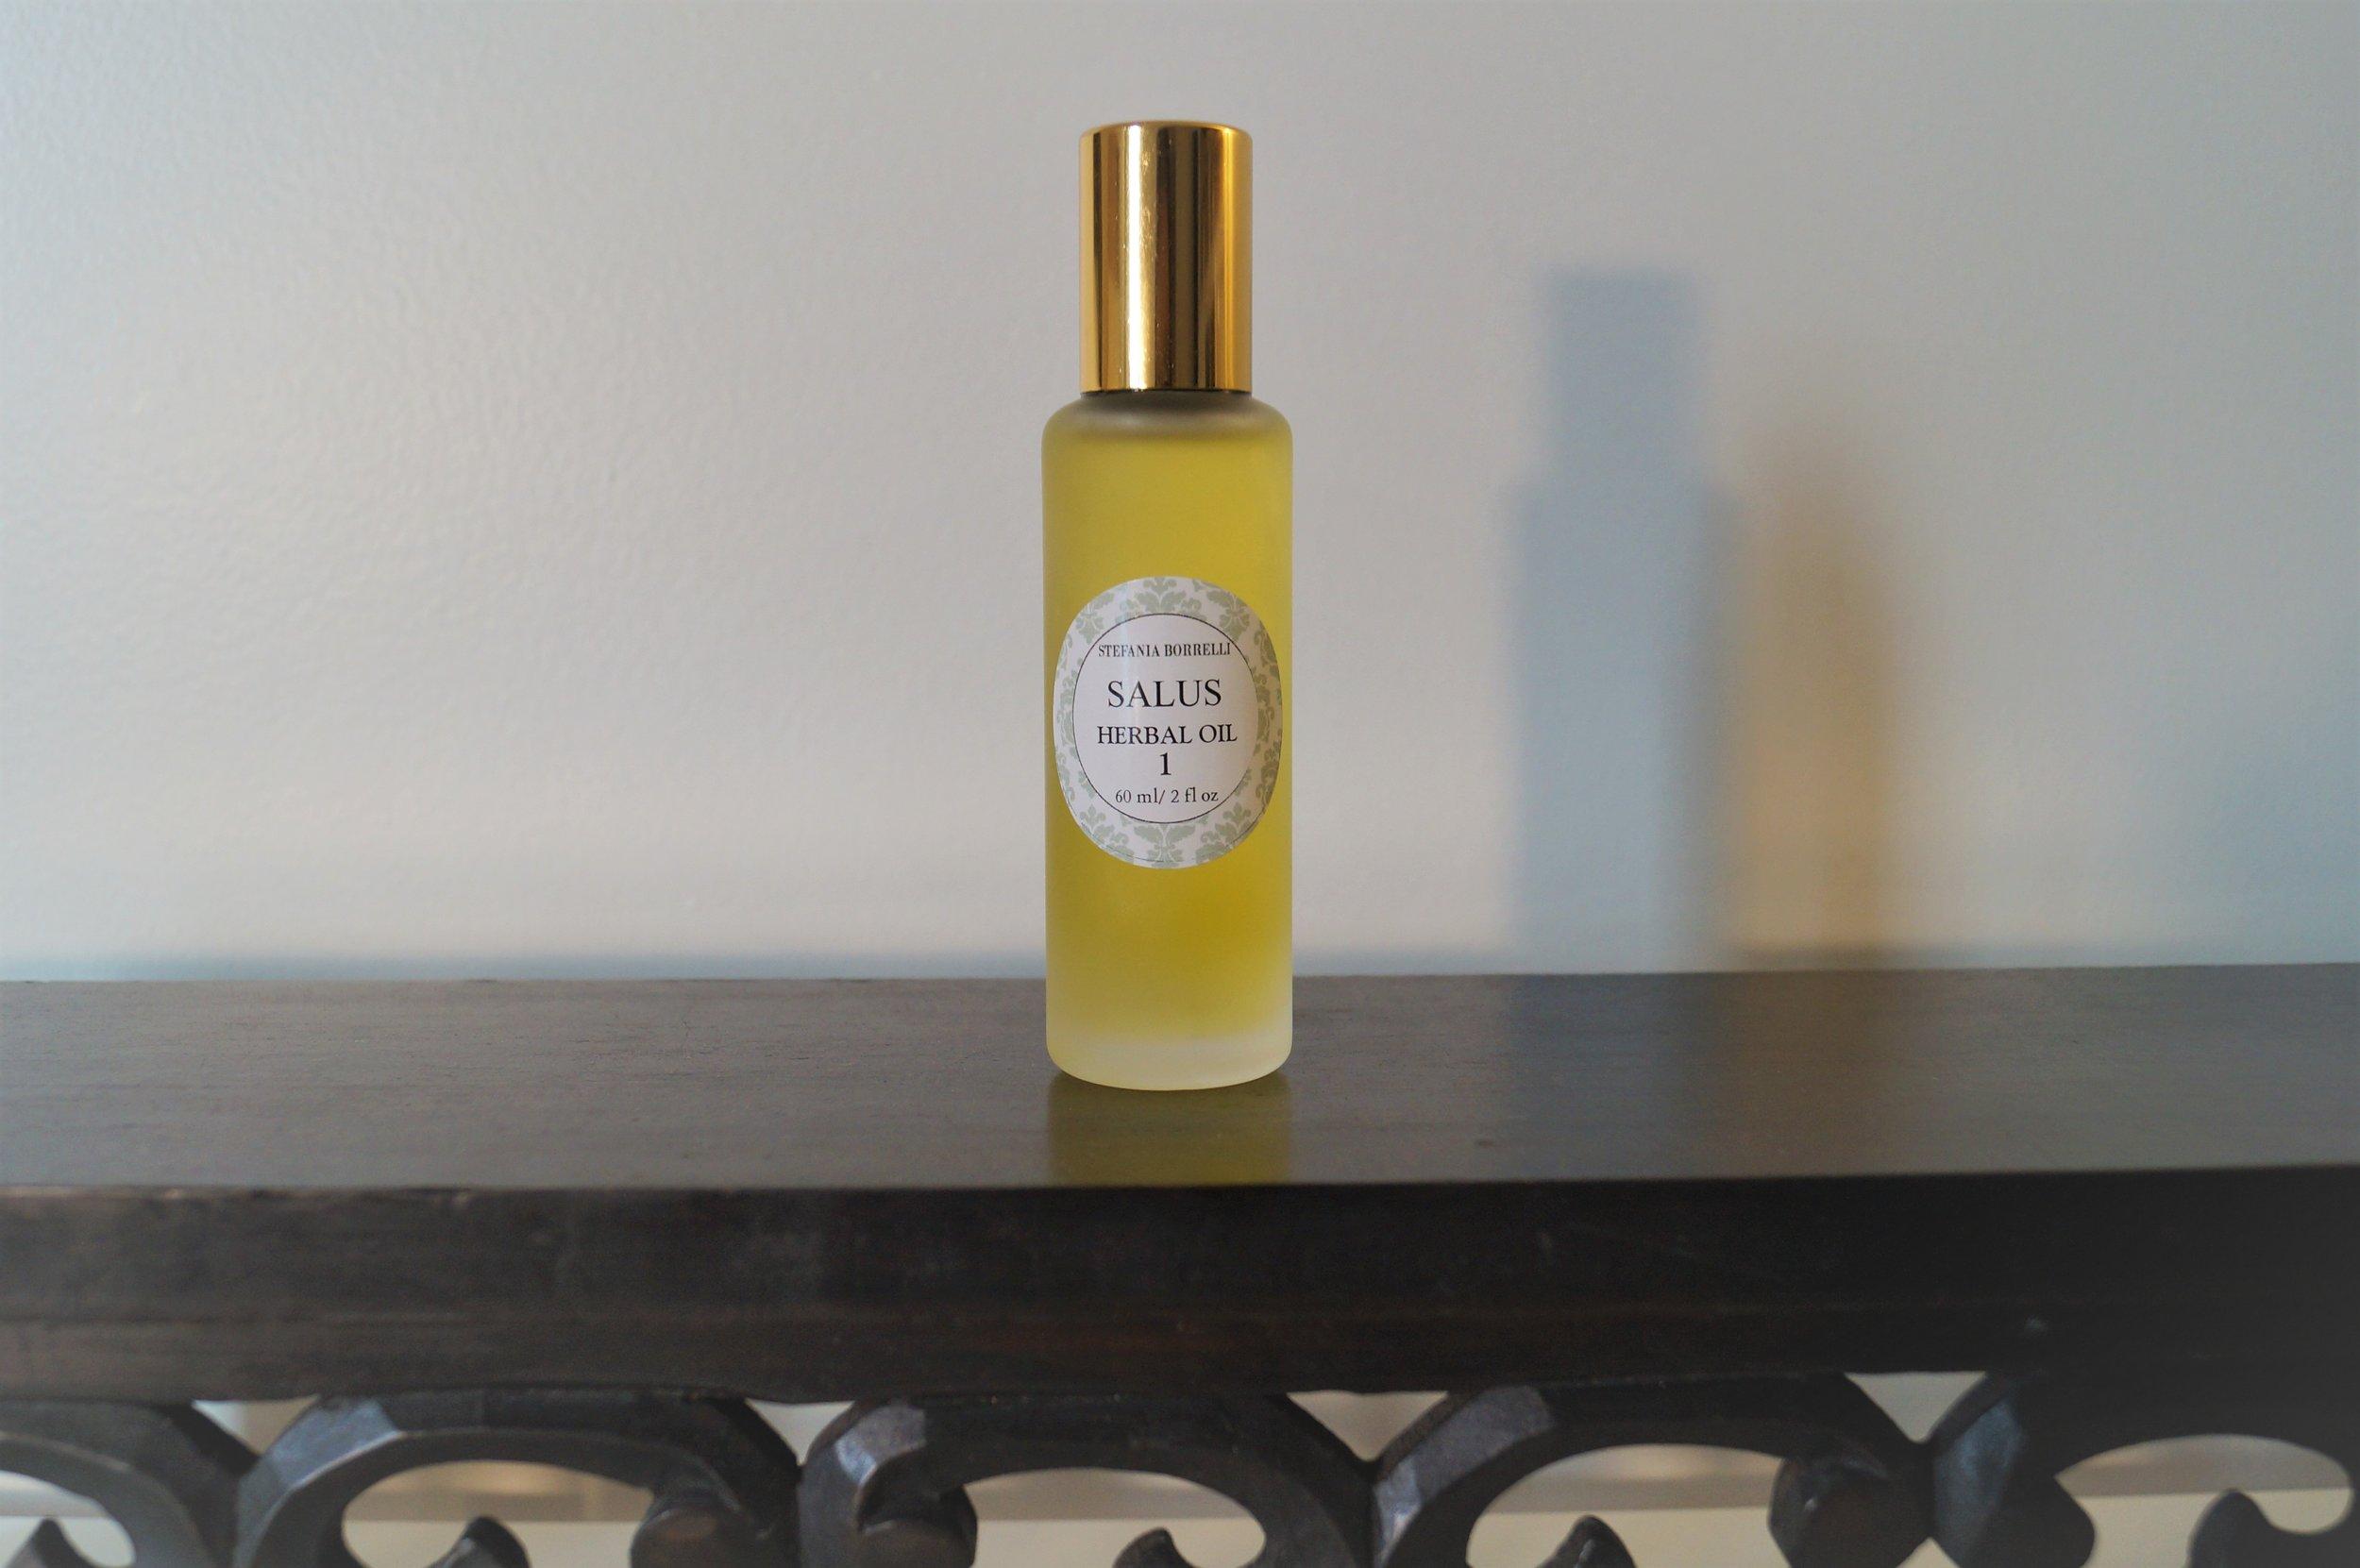 SALUS - Herbal Oil 3